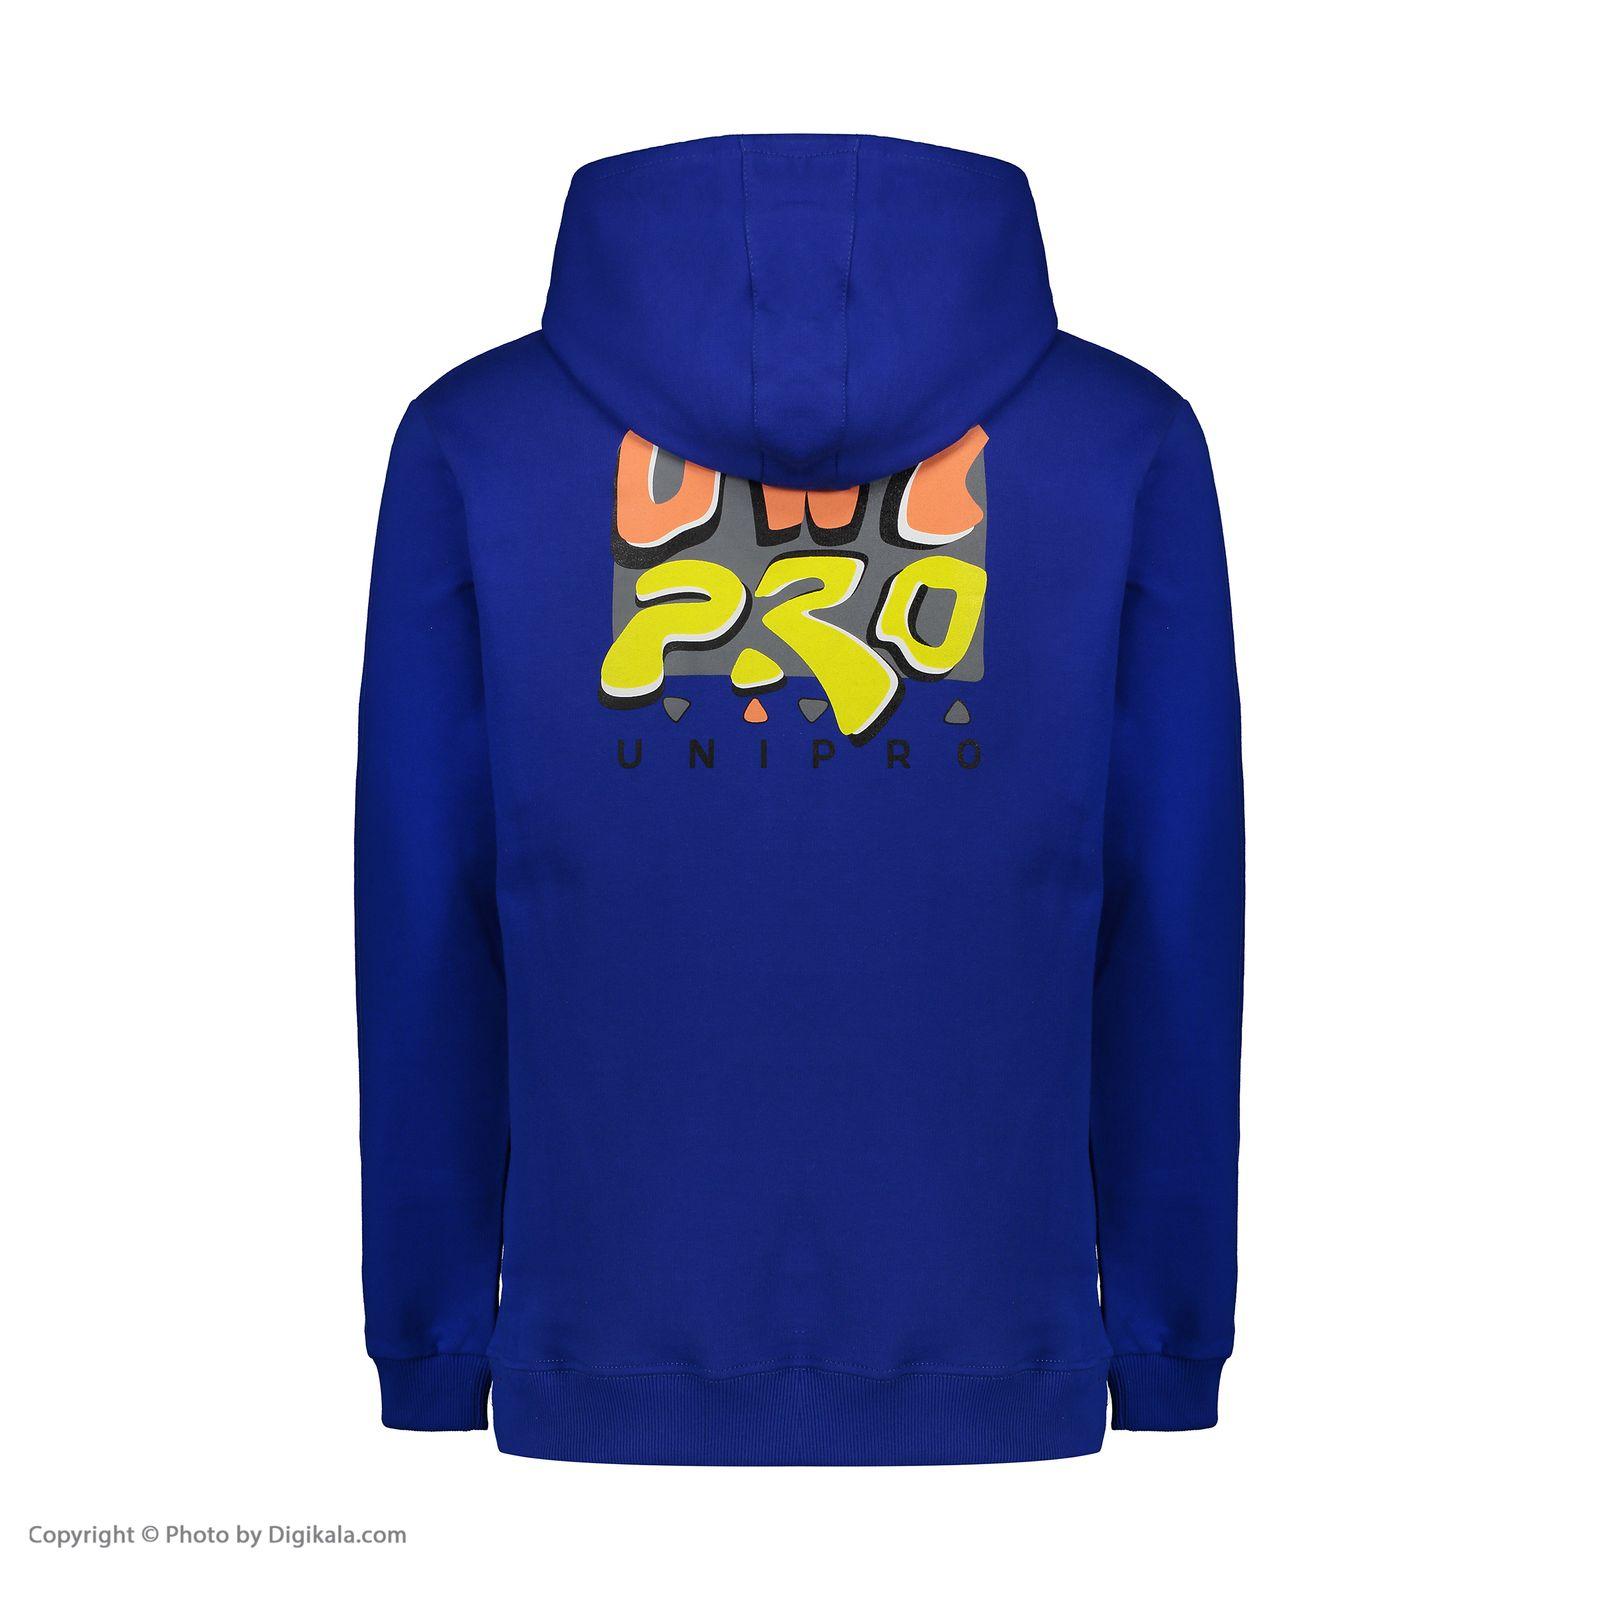 هودی ورزشی مردانه یونی پرو مدل 914159306-10 -  - 4